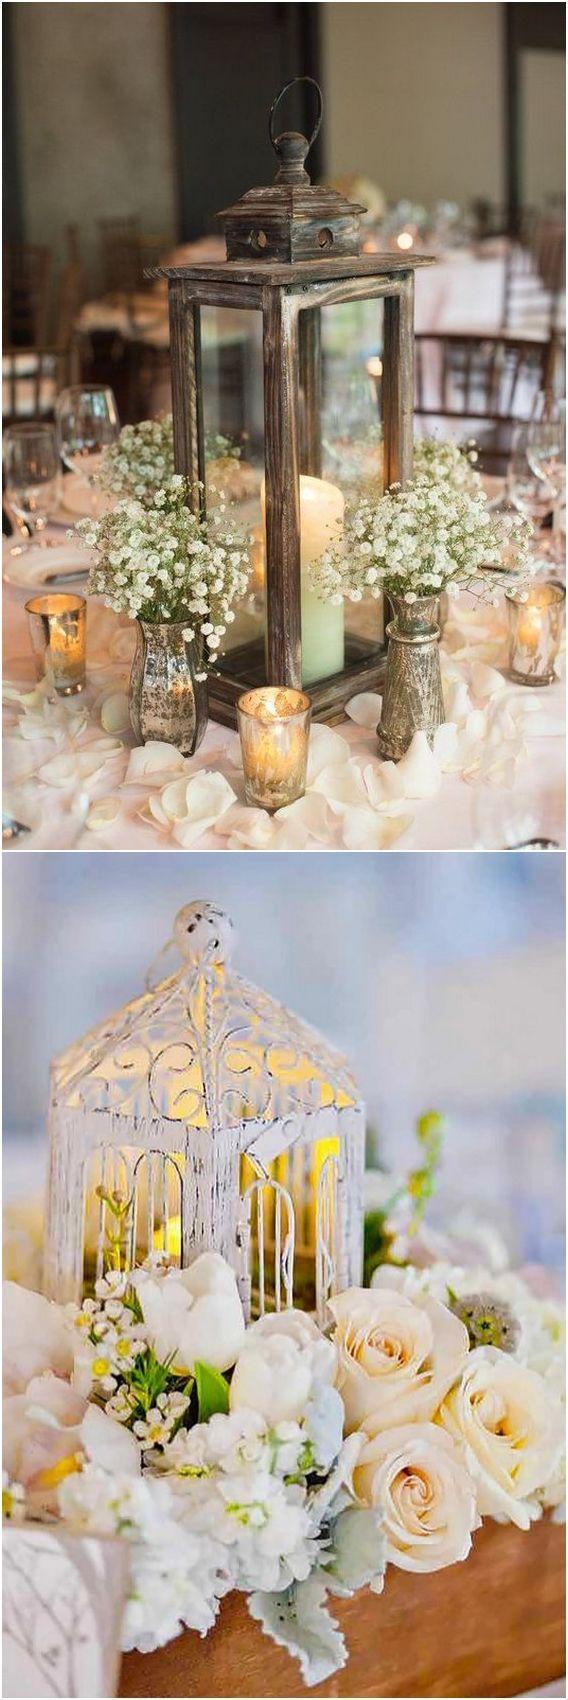 Boda - 100 Unique And Romantic Lantern Wedding Ideas